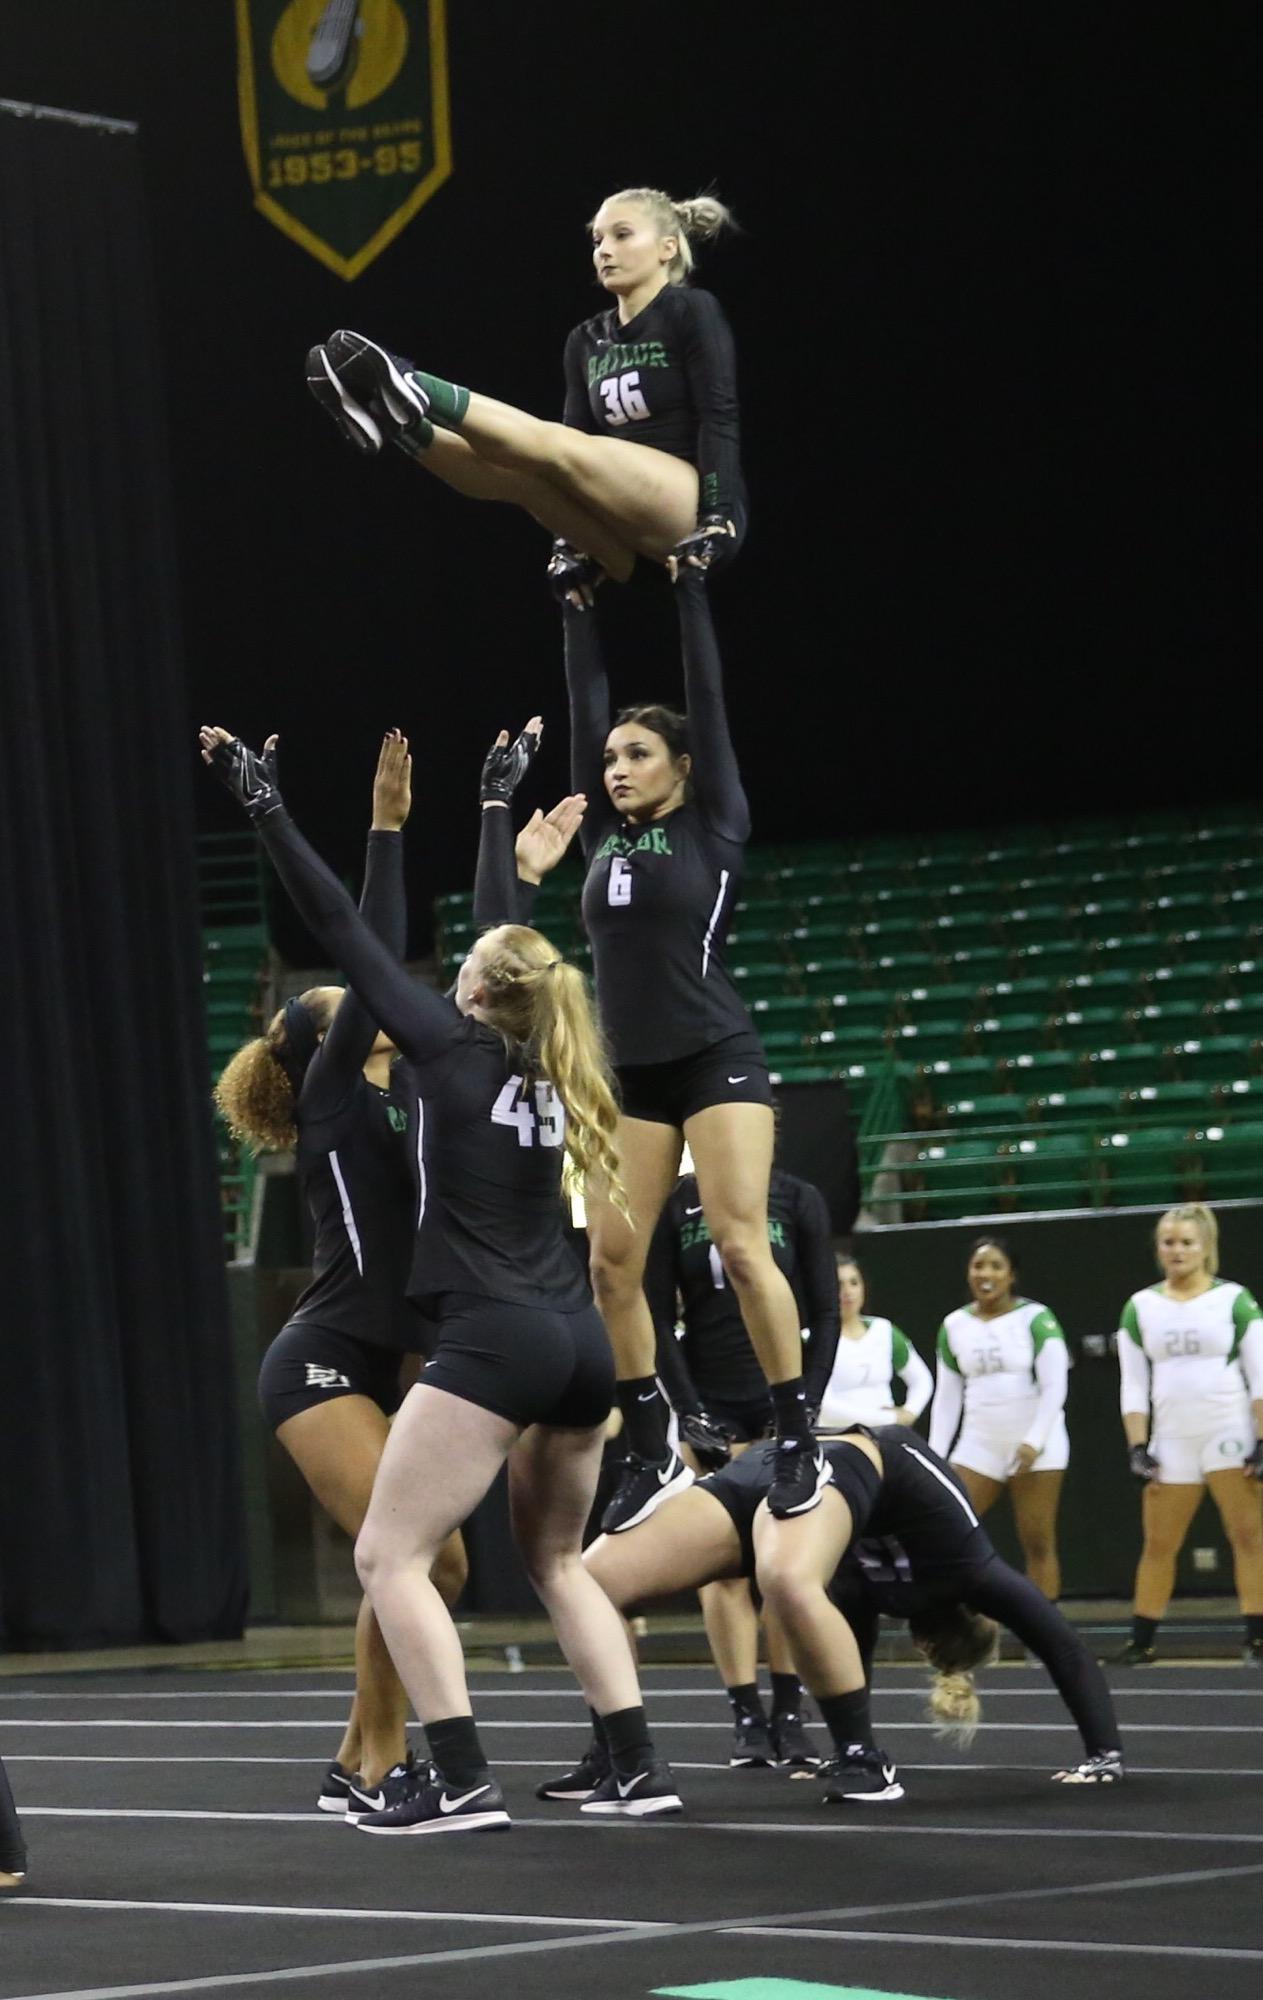 Athletics – Acrobatics and Tumbling (A&T) vs Oregon - Ferrell Center – 04/02/2017